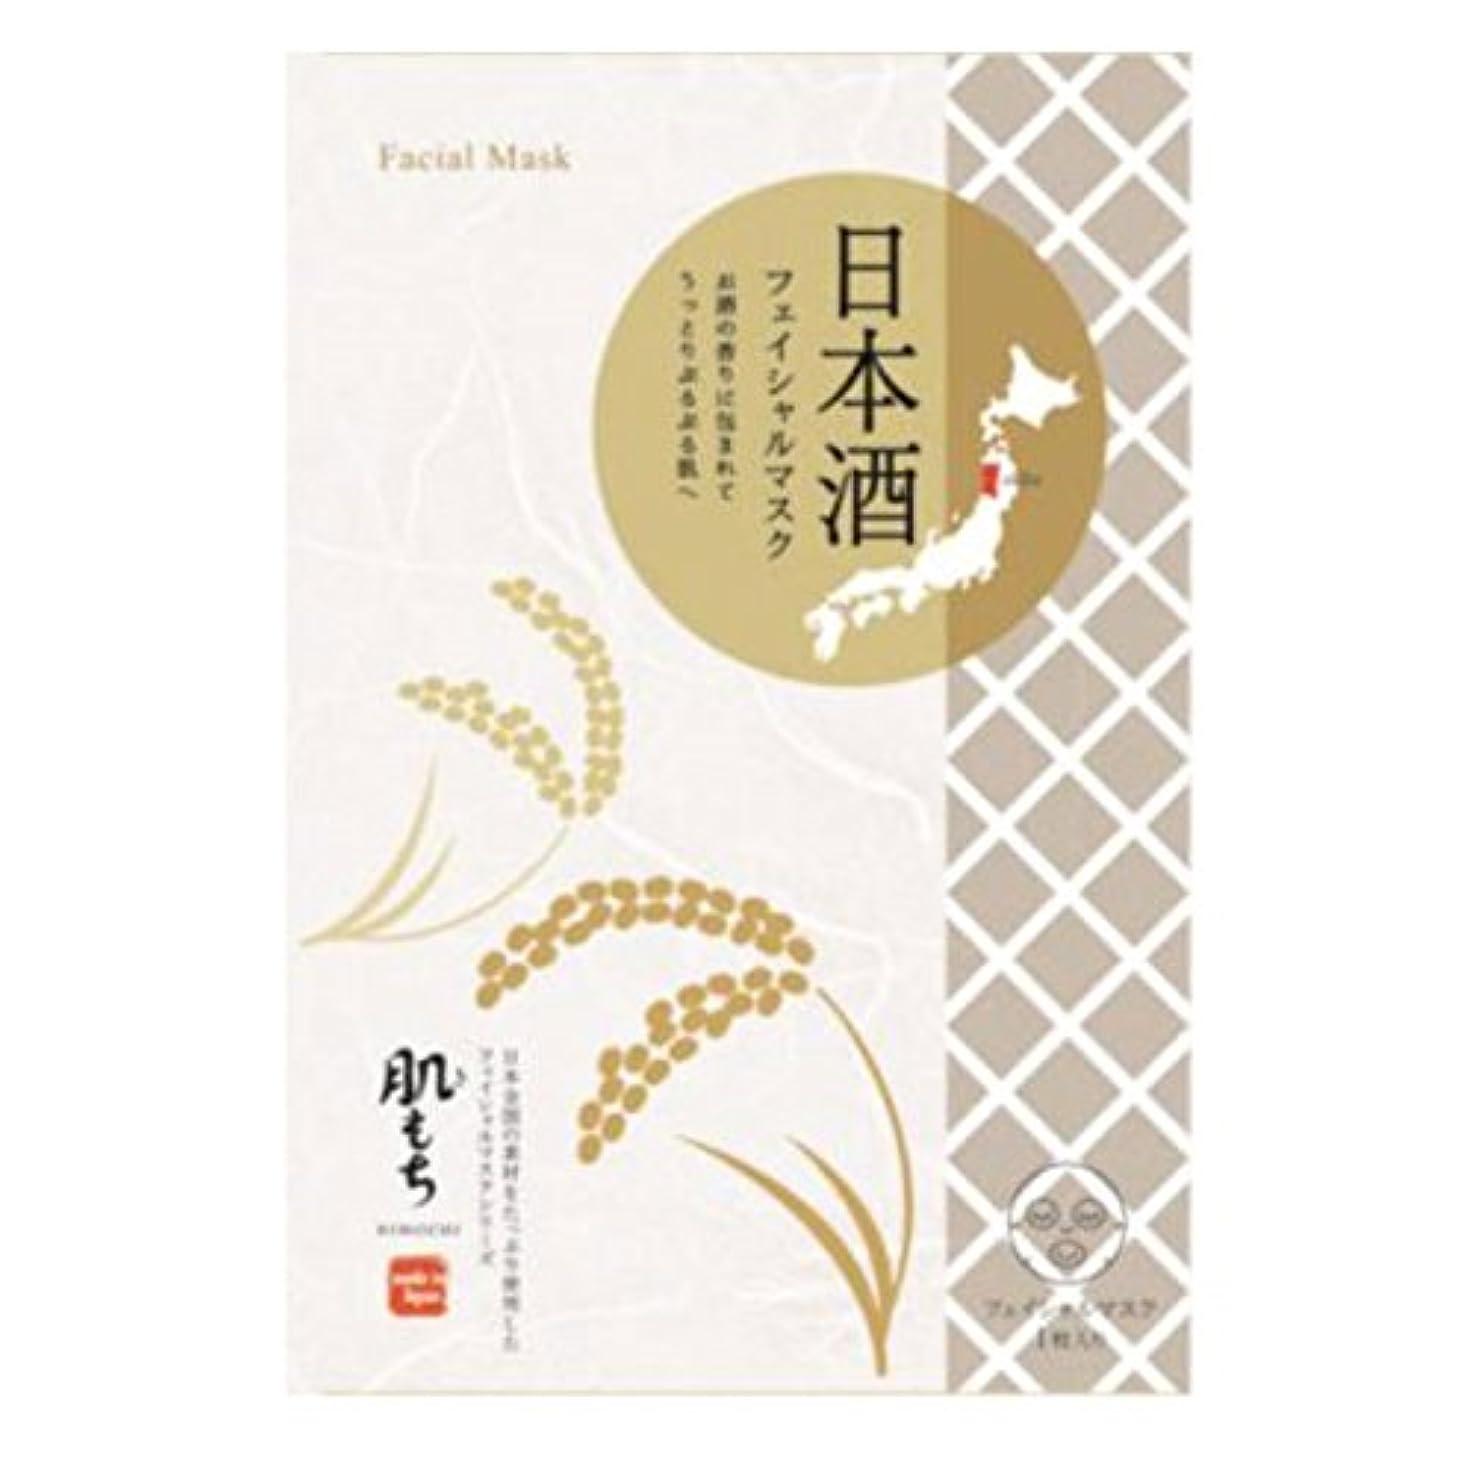 動くあいまい印象派肌もち(きもち) フェイシャルマスク 日本酒(1枚20ml) 5枚セット